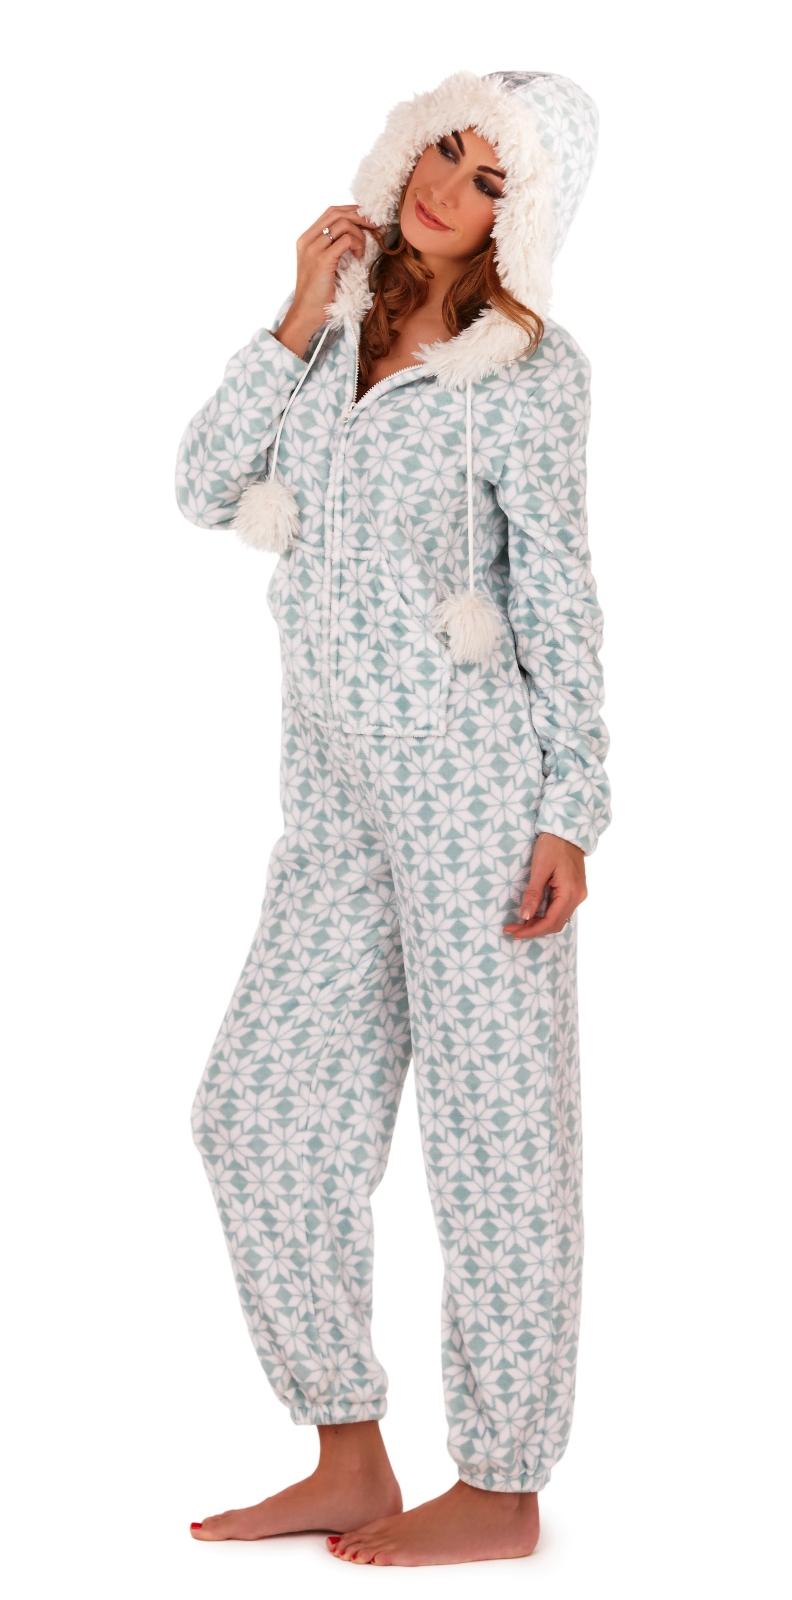 Elegant Womens Luxury Onesie Hooded All In One Pyjamas Pjs Jumpsuit Ladies Size UK 6u201316 | EBay